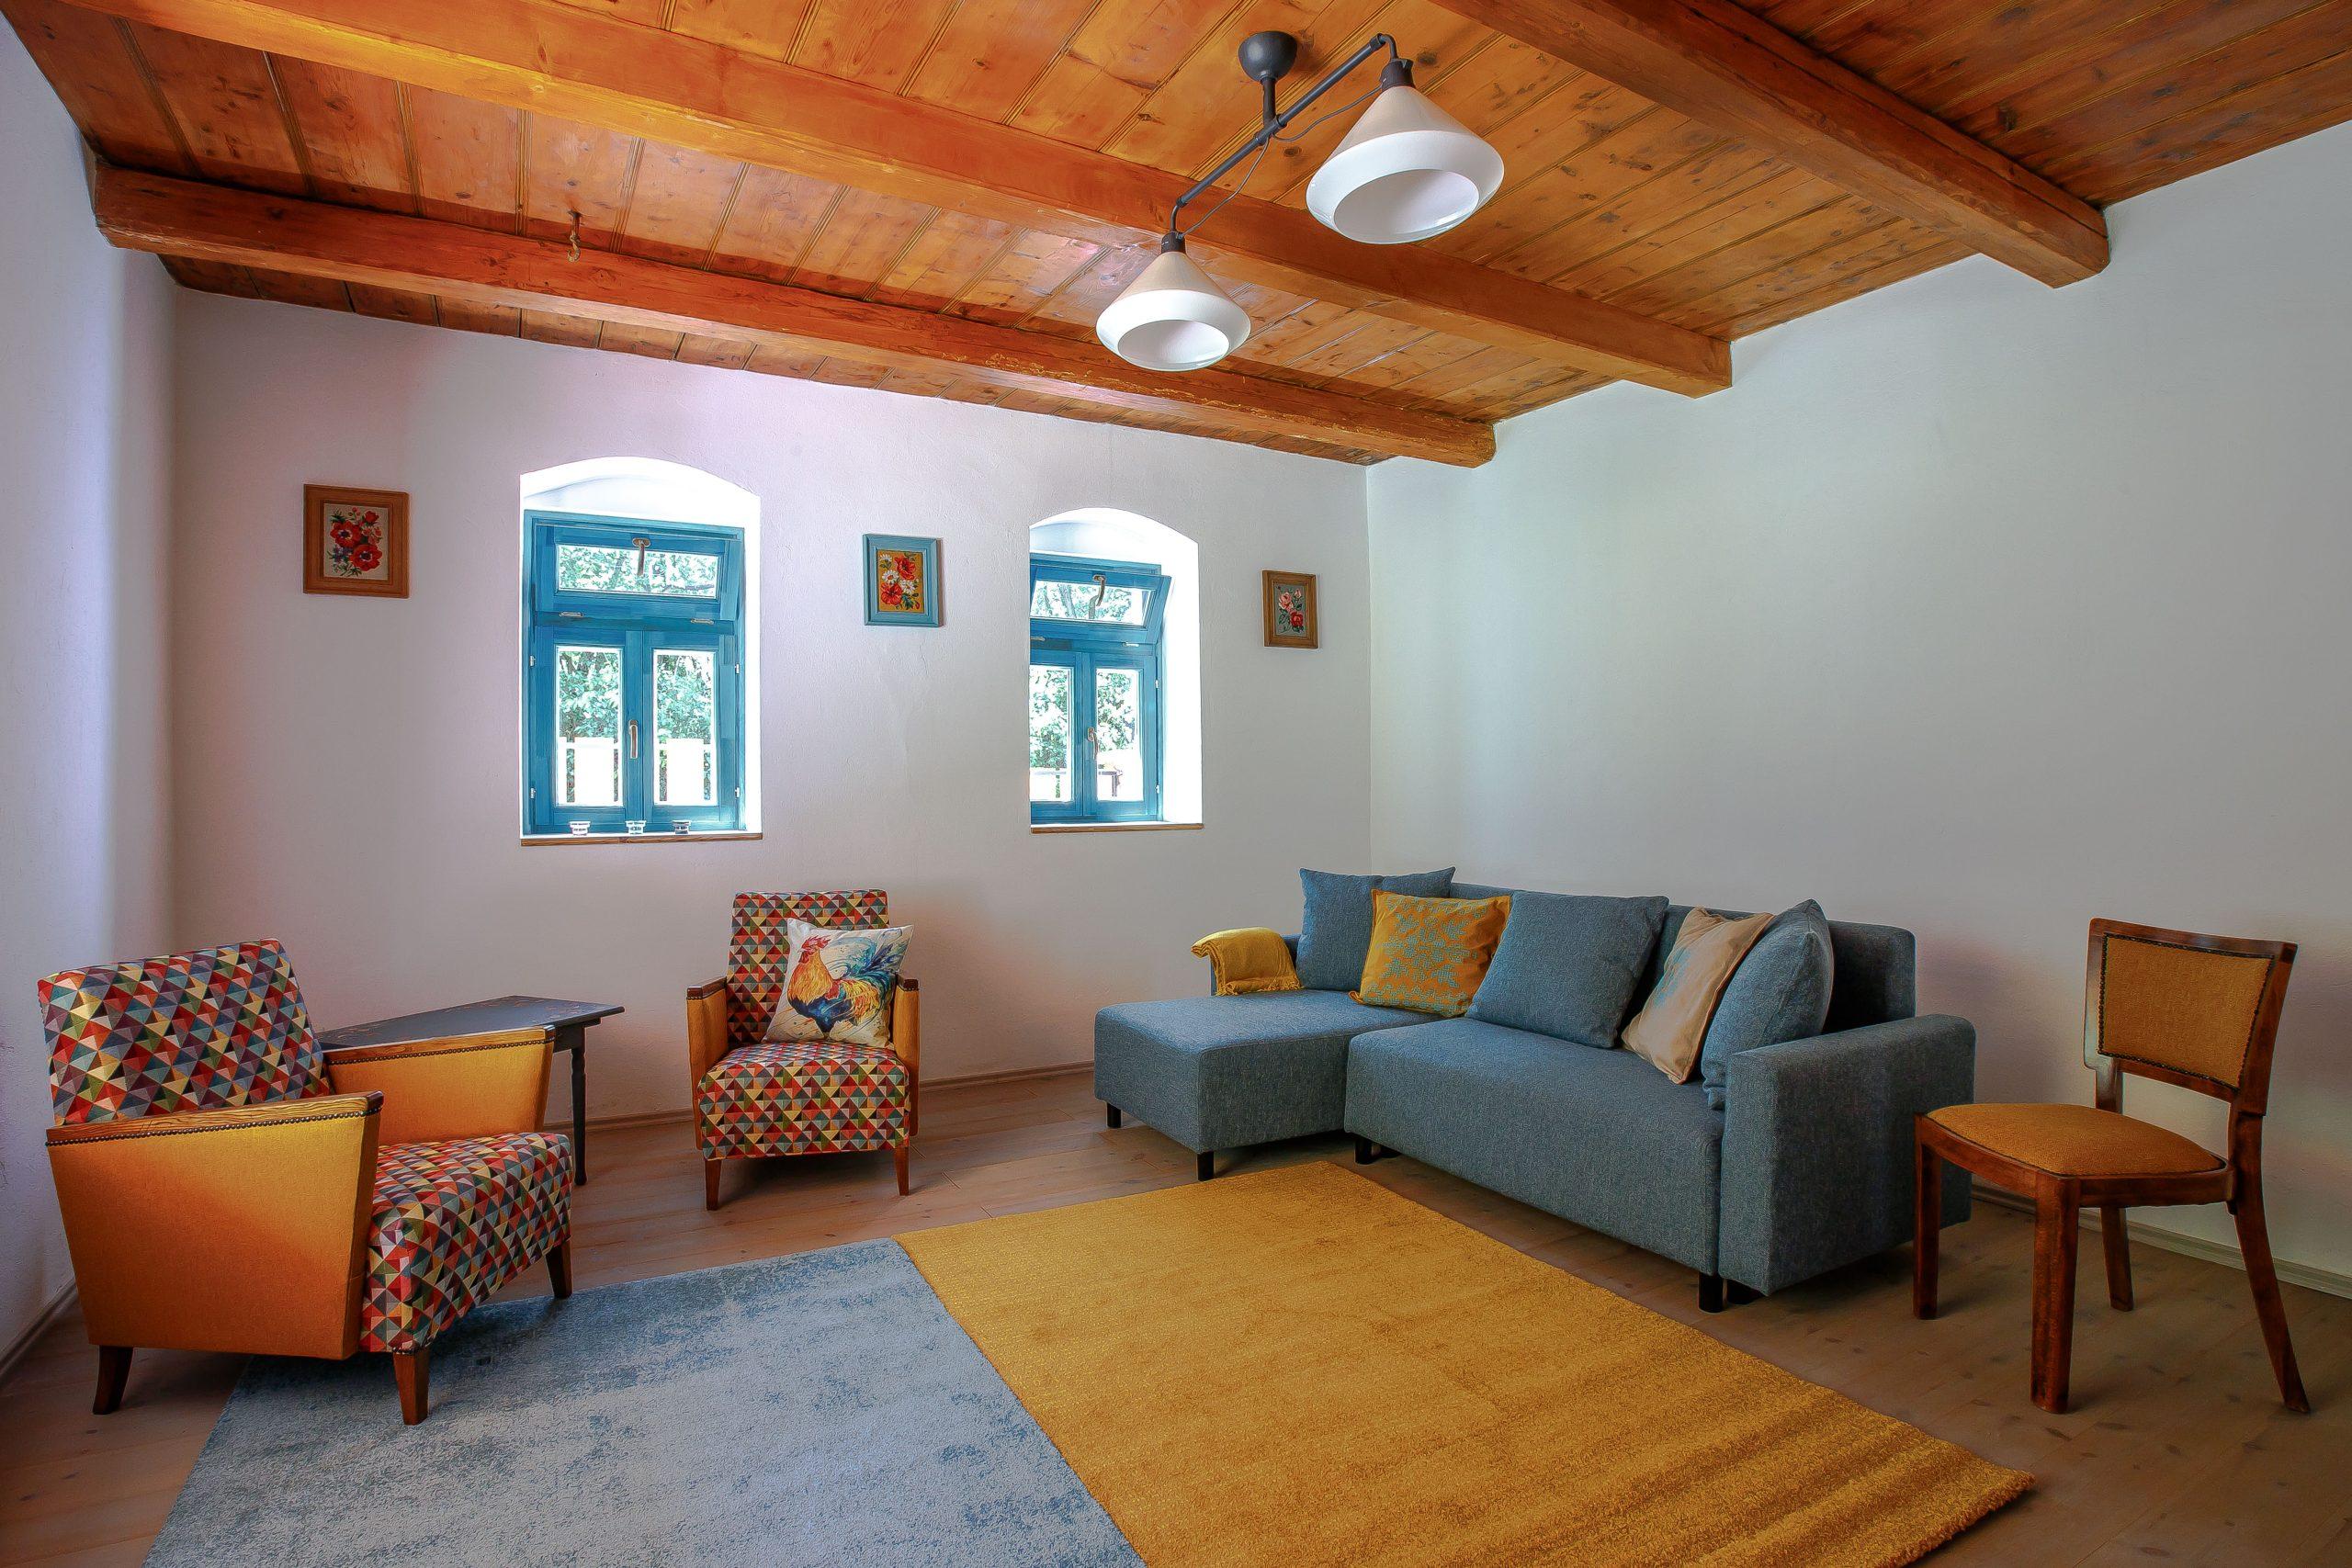 Dióliget – Kék Madár Pihenőház